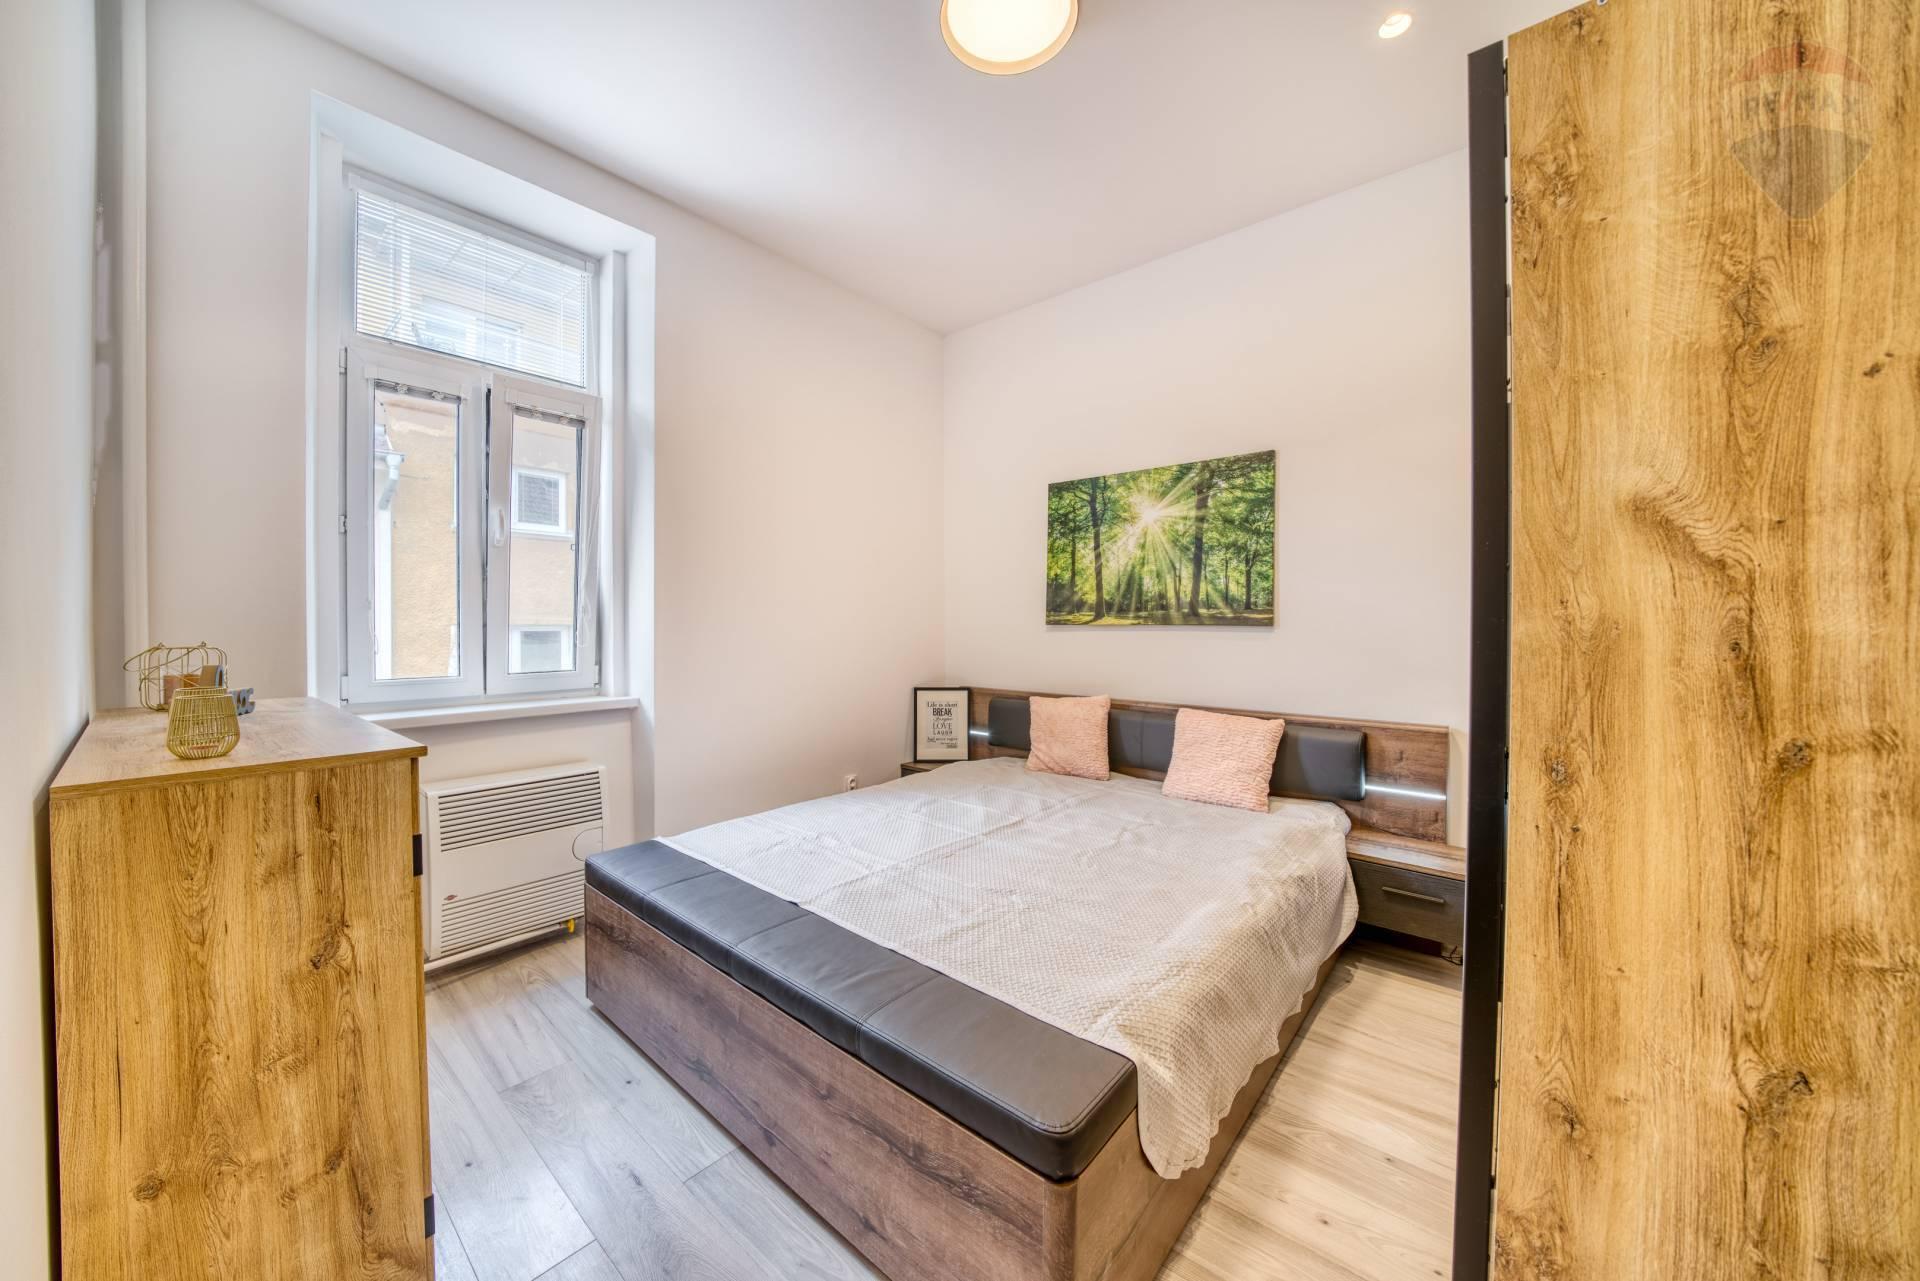 Moderný, kompletne zariadený 2 izbový byt na prenájom, Weberova ulica, Prešov